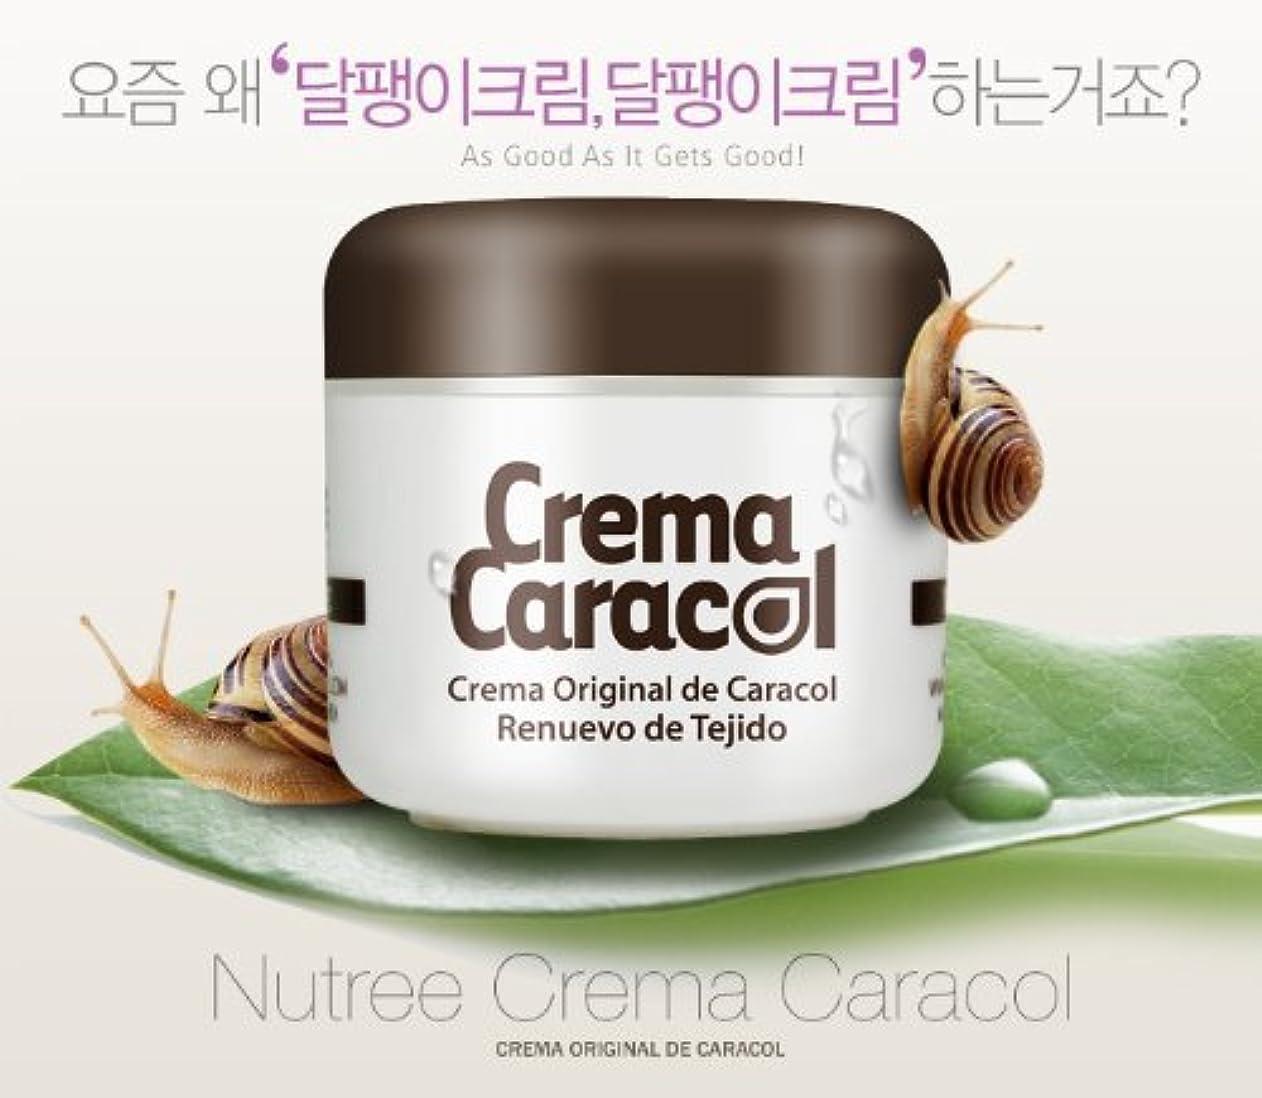 ねじれ手数料素晴らしさcrema caracol(カラコール) かたつむりクリーム 5個セット